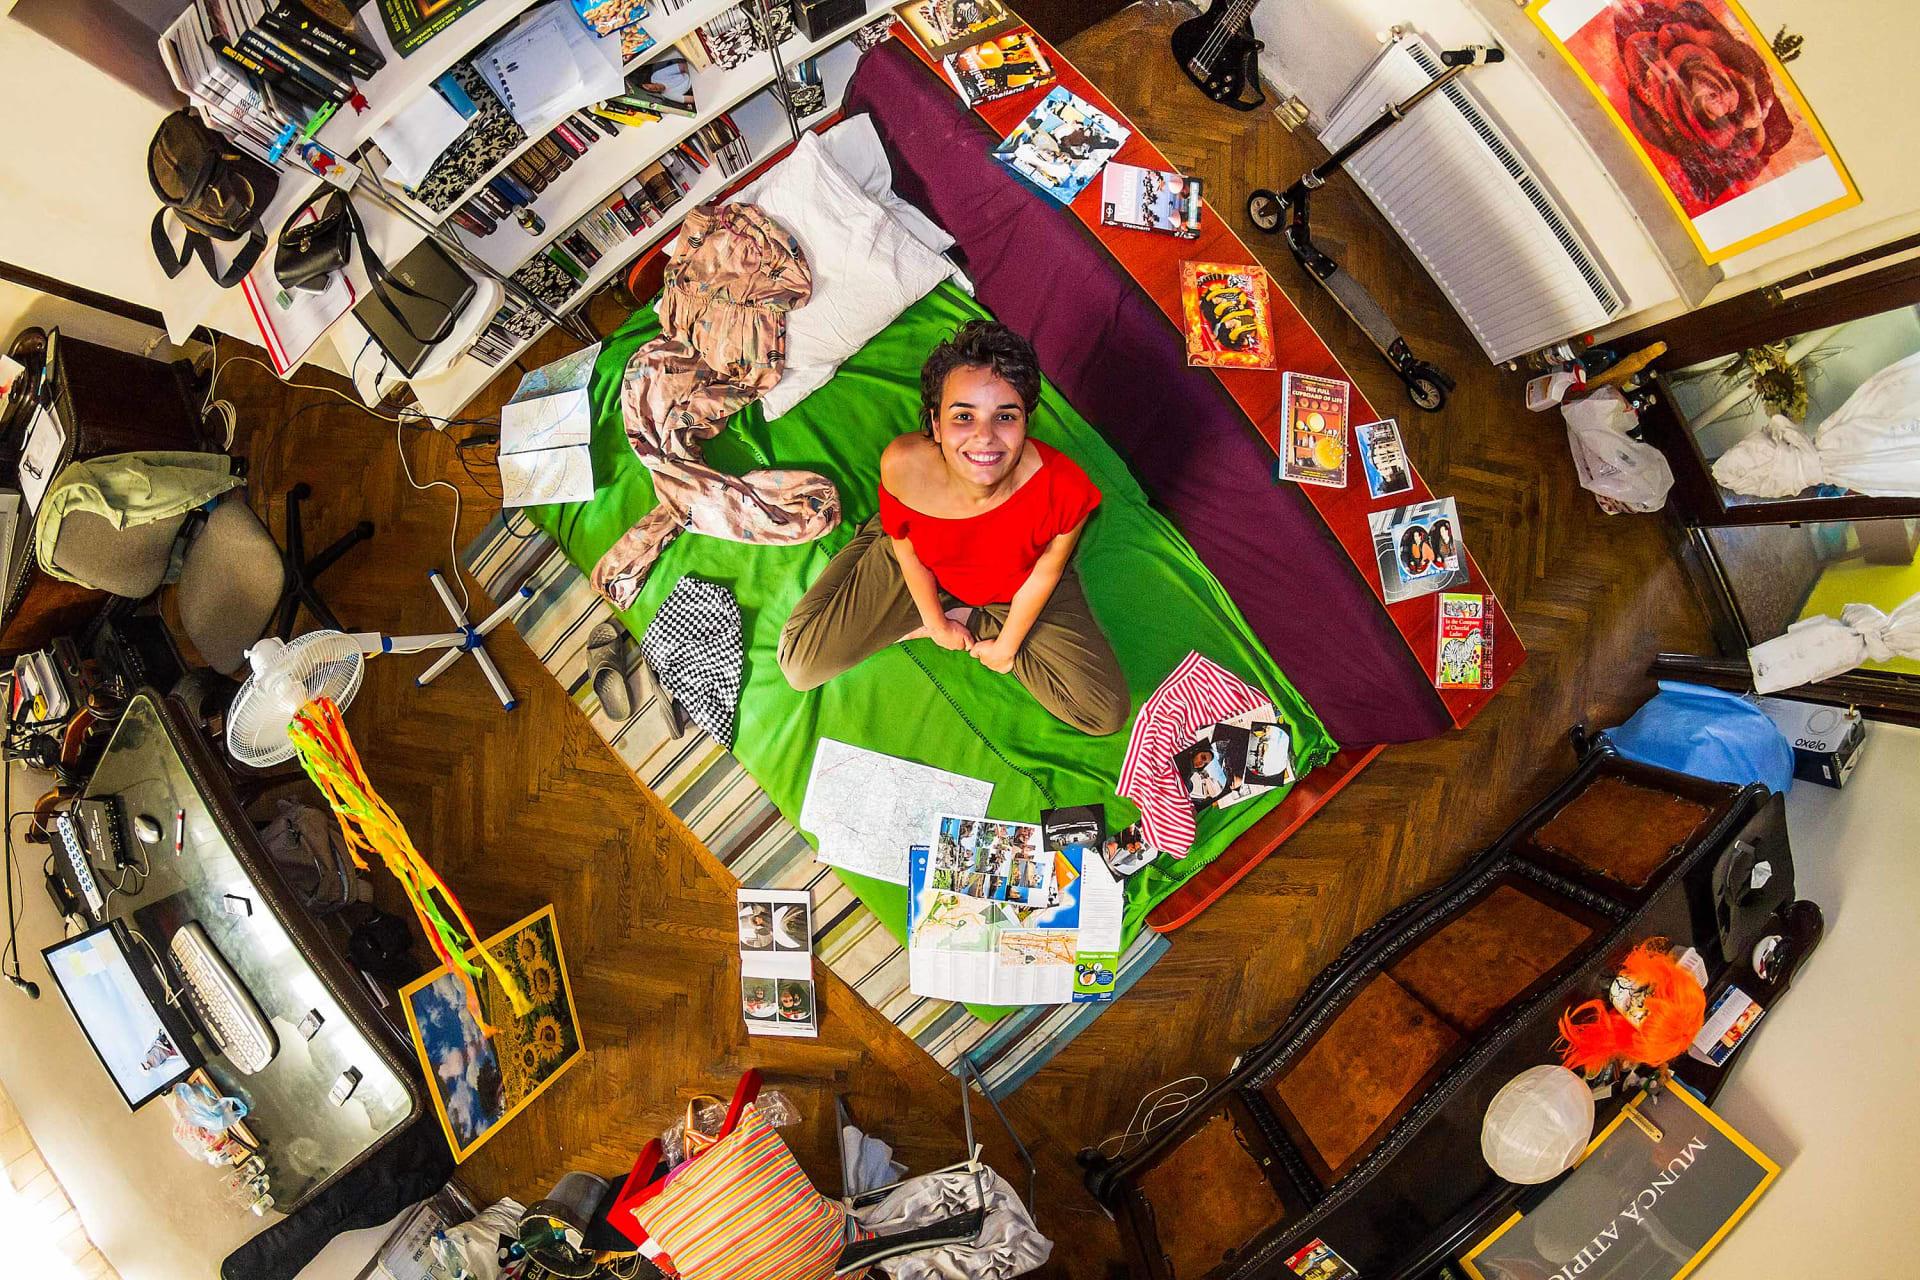 الغرفة 192 – أندريا – 24 عاماً – مهندسة مدنية – بوخارست - رومانيا